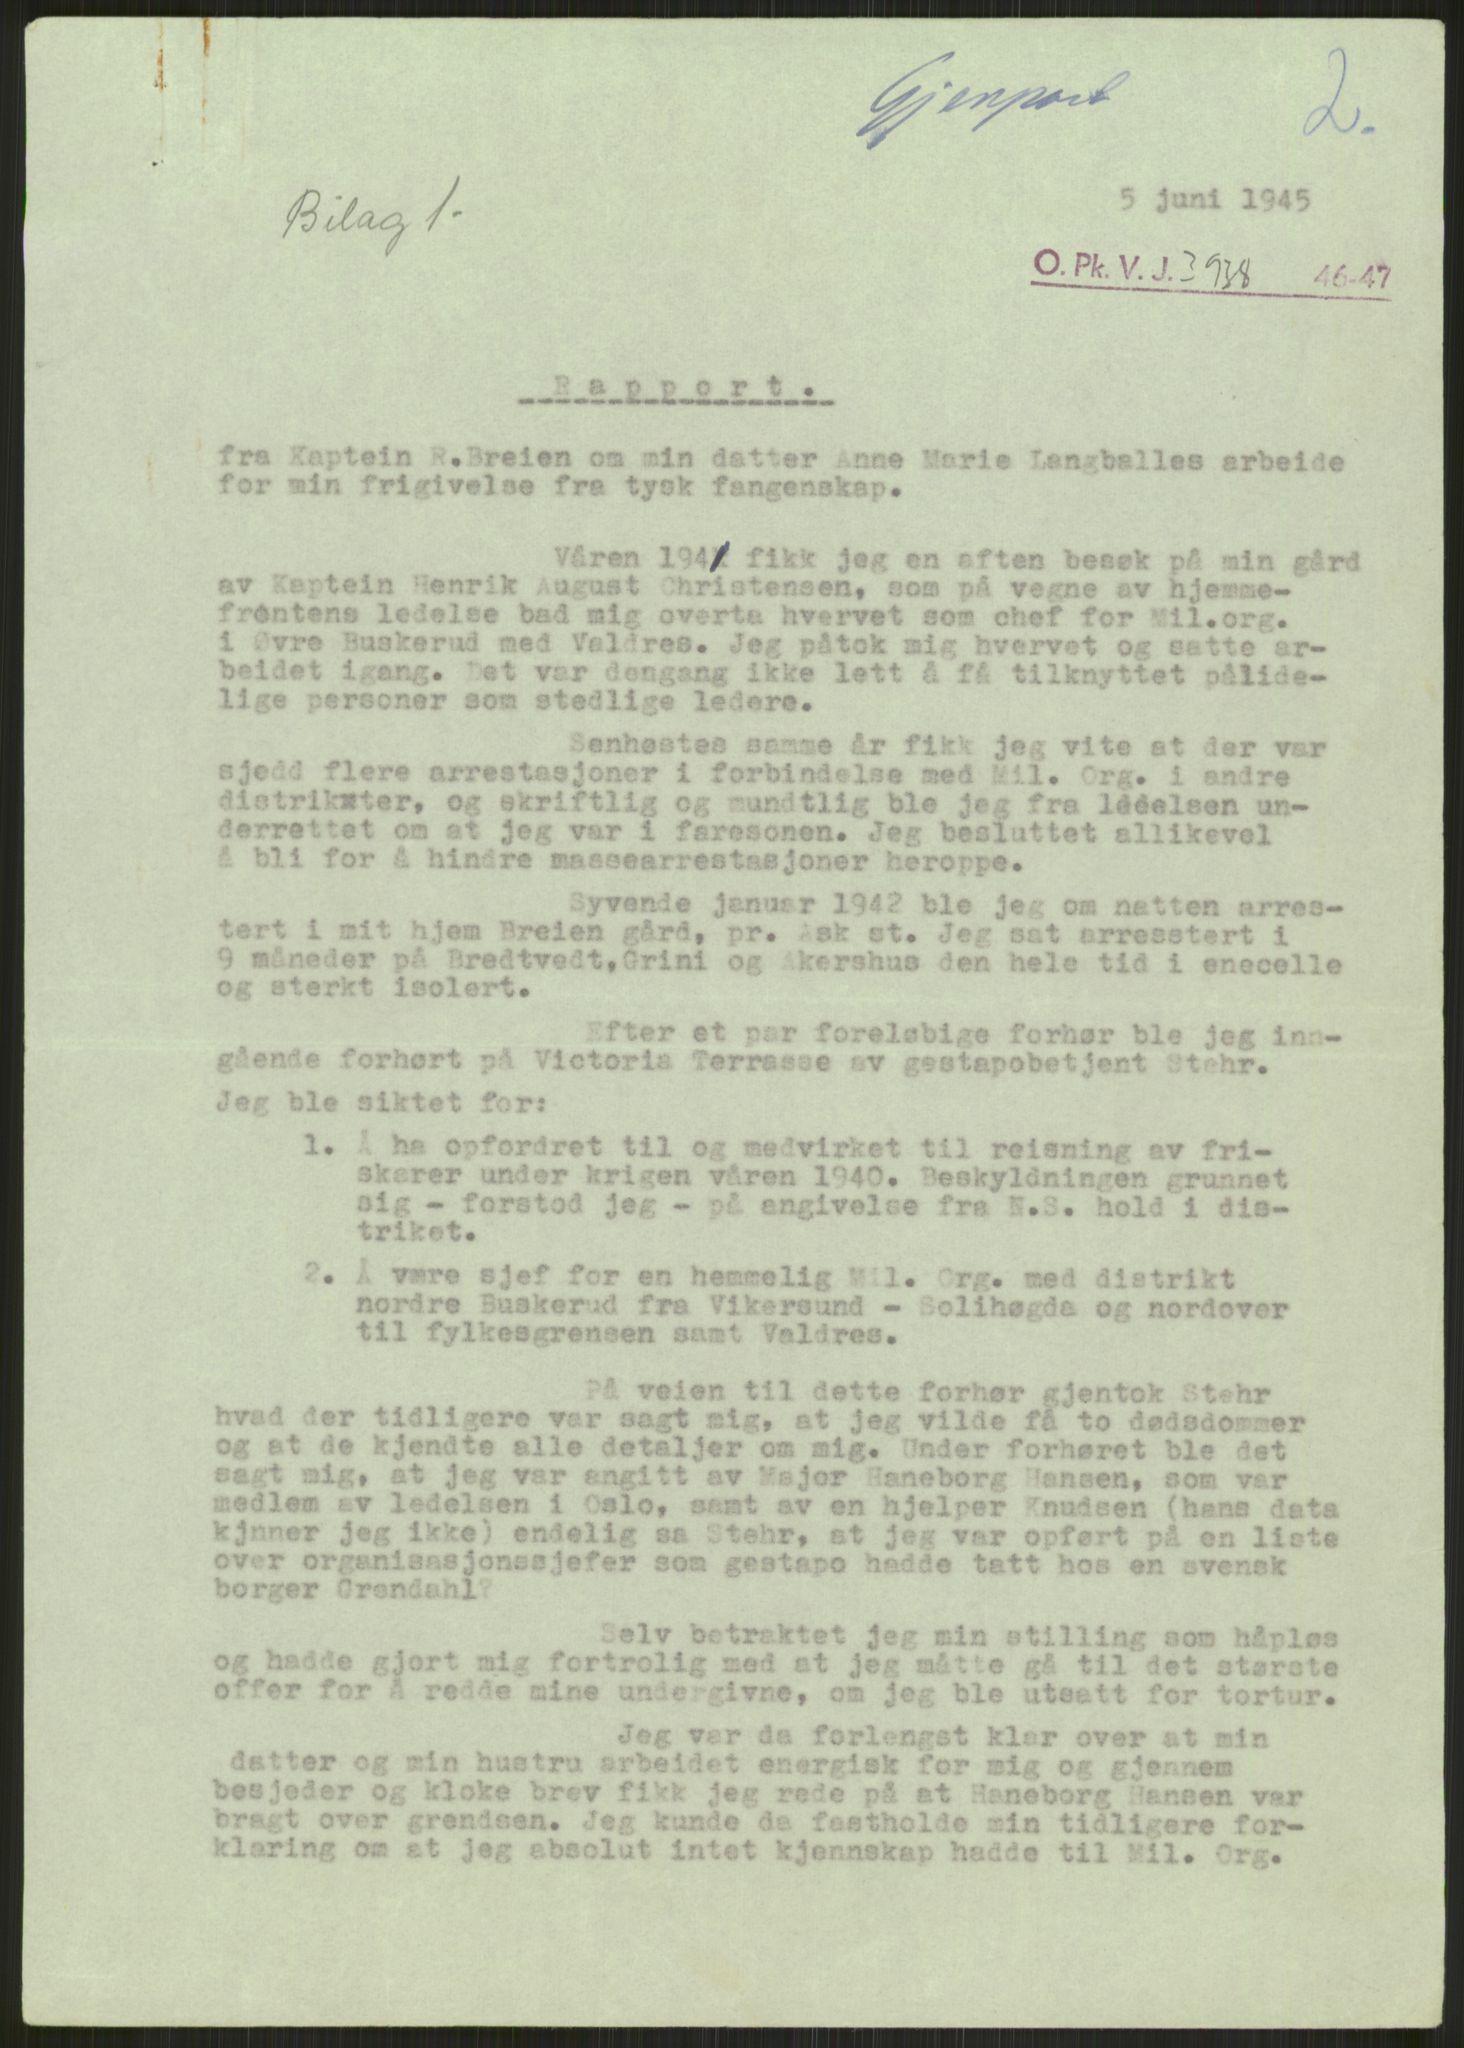 RA, Landssvikarkivet, Oslo politikammer, D/Dg/L0267: Henlagt hnr. 3658, 1945-1946, s. 135